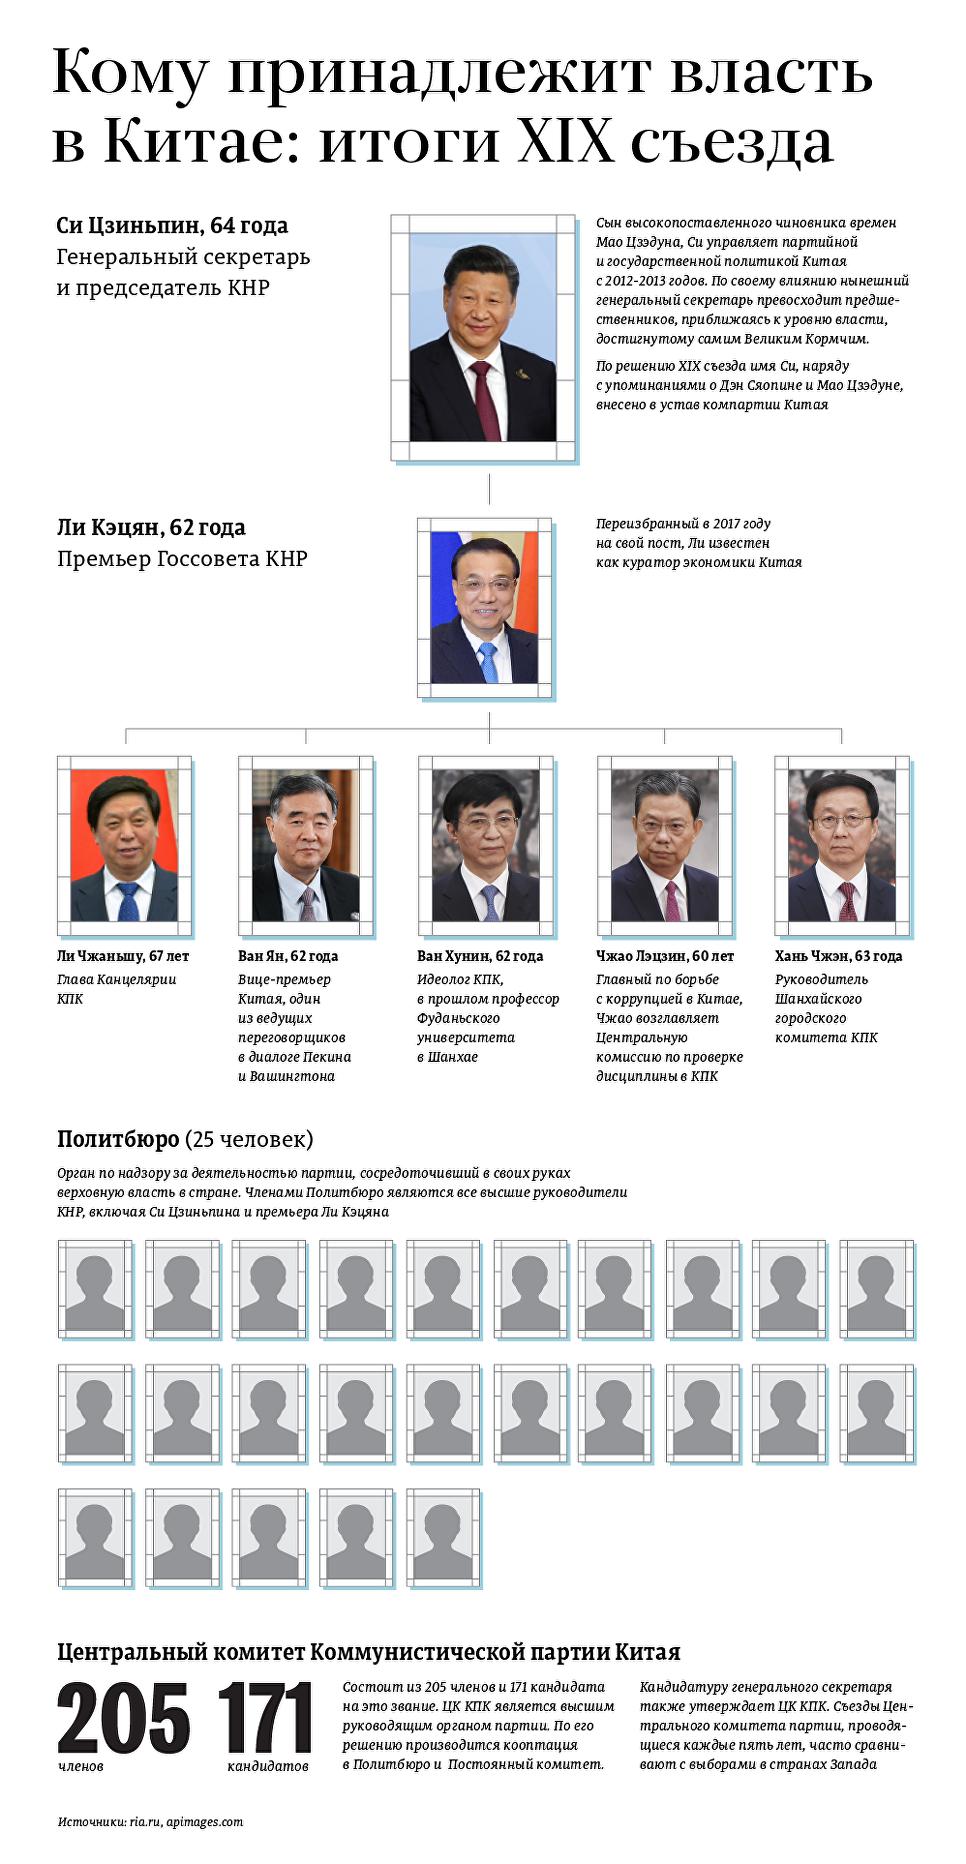 Кому принадлежит власть в Китае: итоги XIX cъезда.